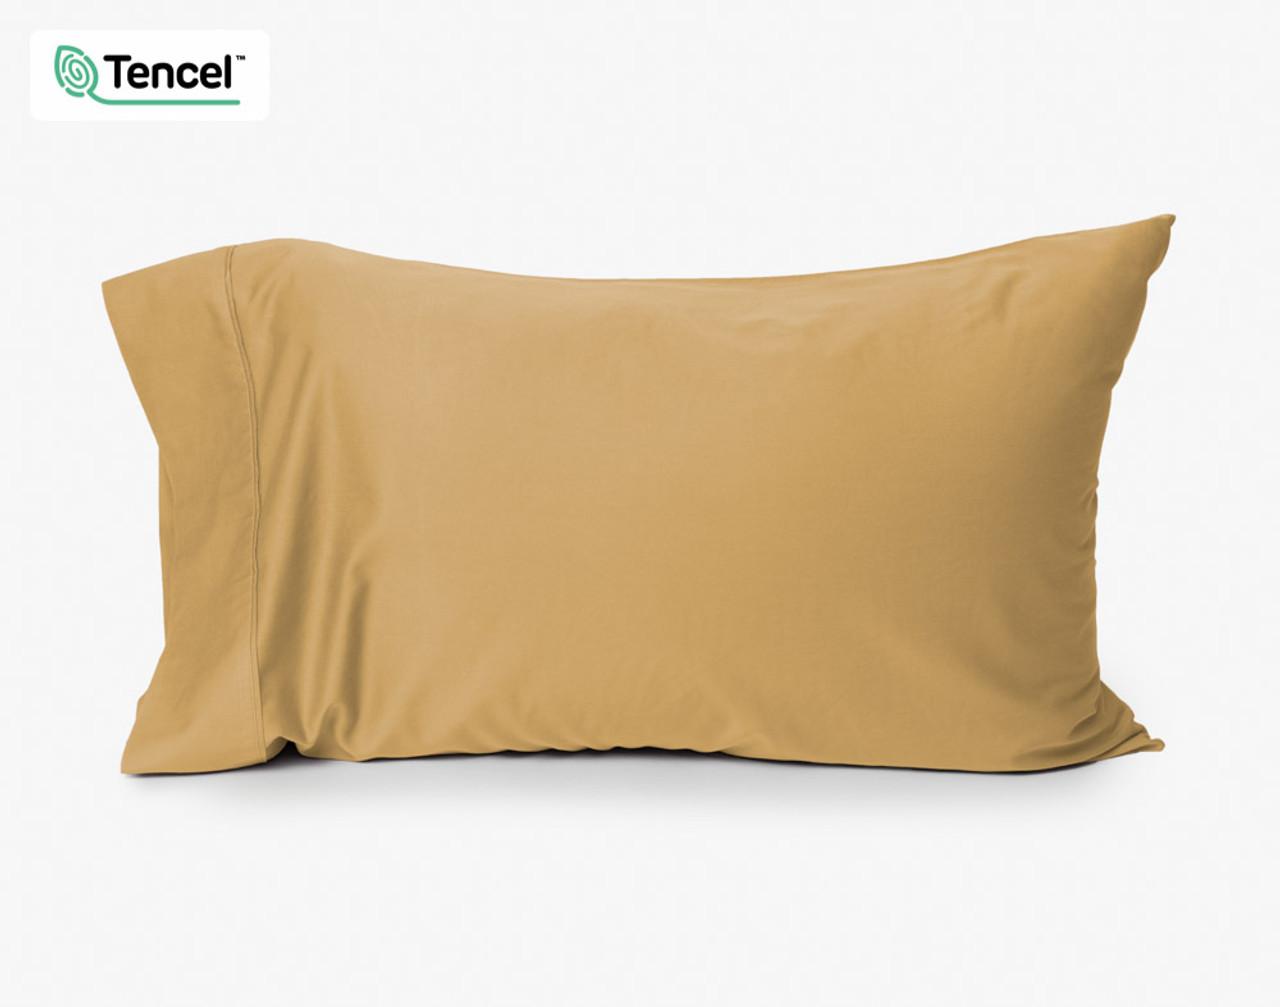 Honey Gold BeechBliss TENCEL™ Modal Pillowcase with Pillow Insert